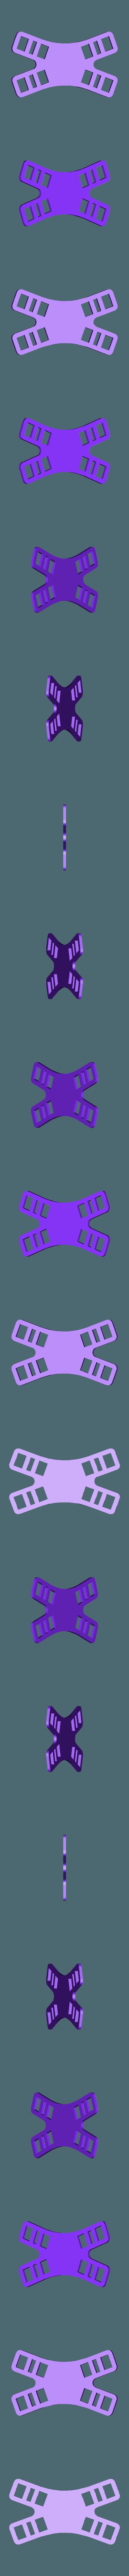 4way mask strap buckle revA.stl Télécharger fichier STL gratuit Masque respiratoire v2 • Objet pour imprimante 3D, ThinkSolutions